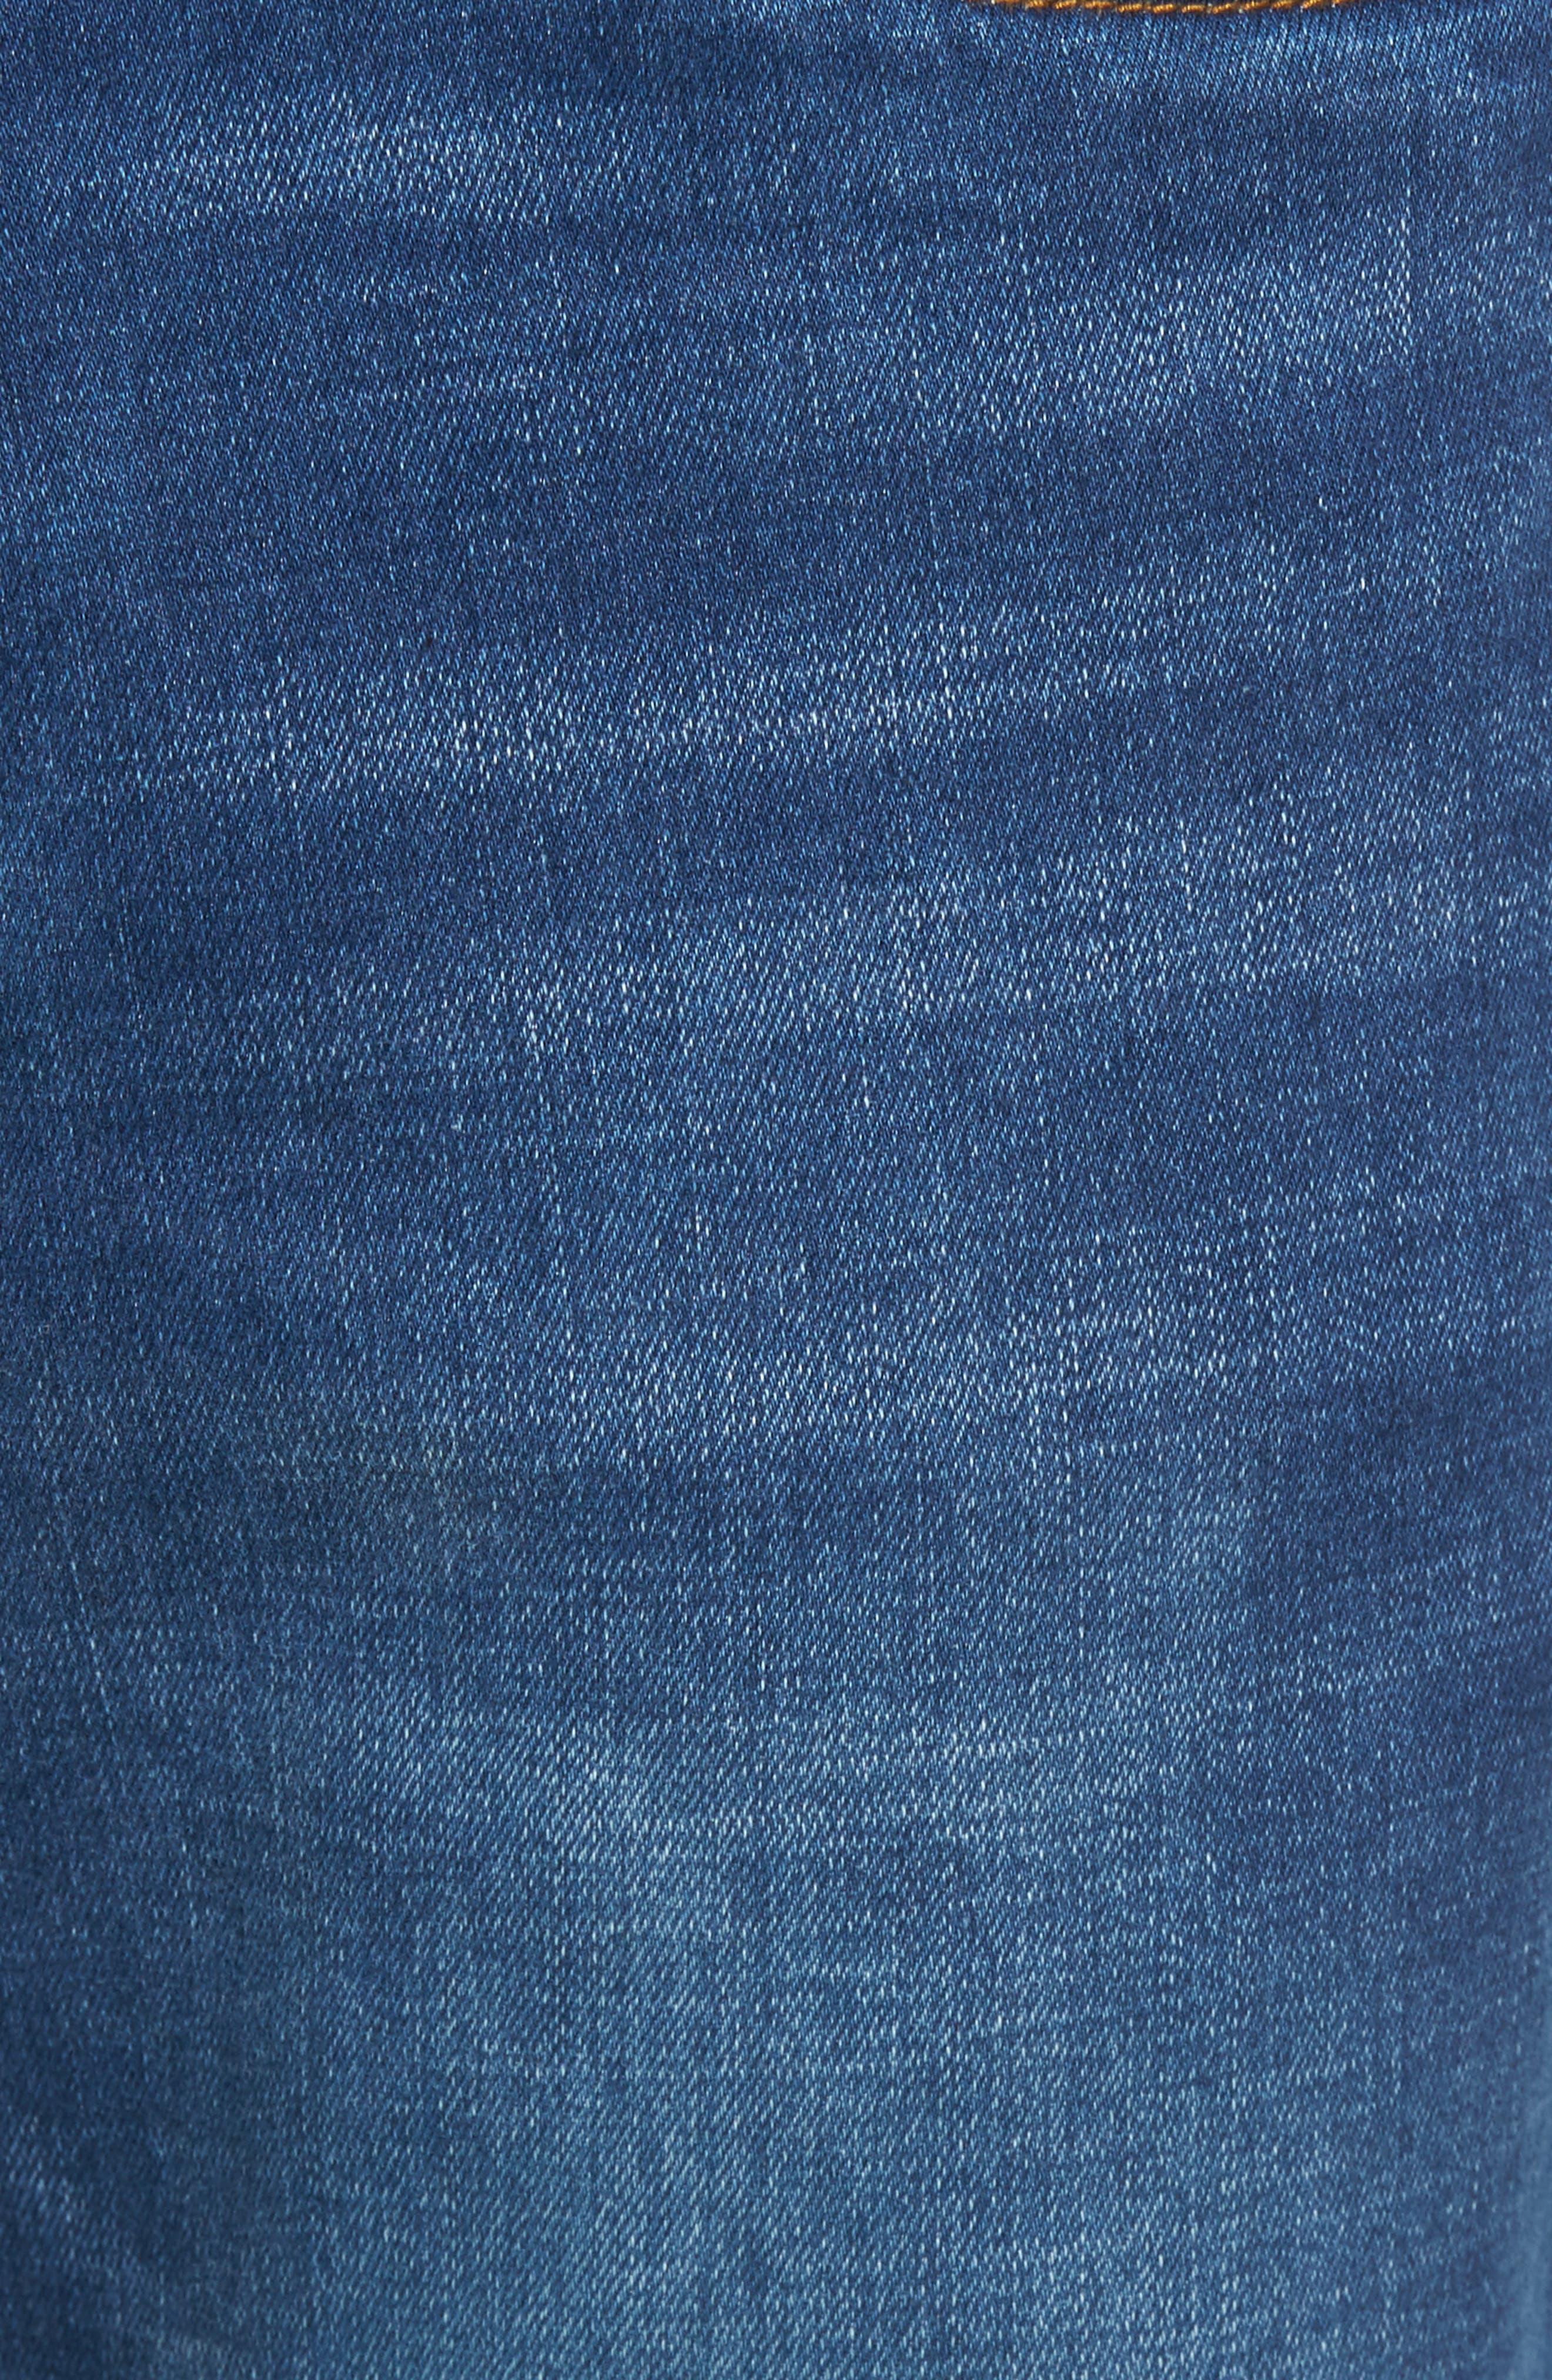 Caicos Authentic Fit Jeans,                             Alternate thumbnail 5, color,                             Medium Indigo